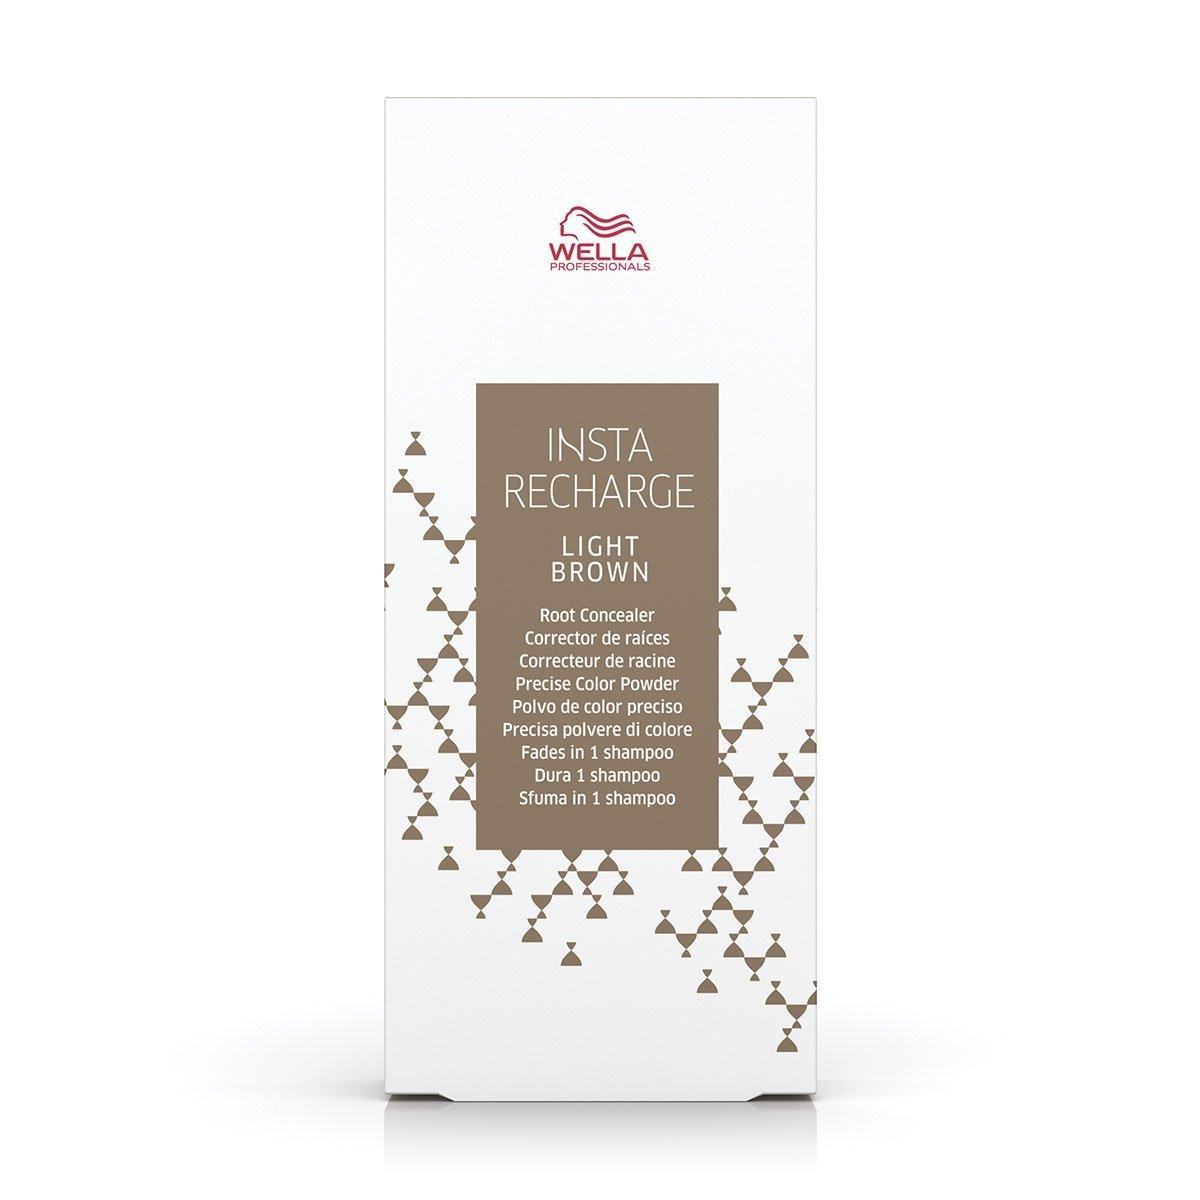 Wella INSTA RECHARGE Powder Light Brown Root Concealer